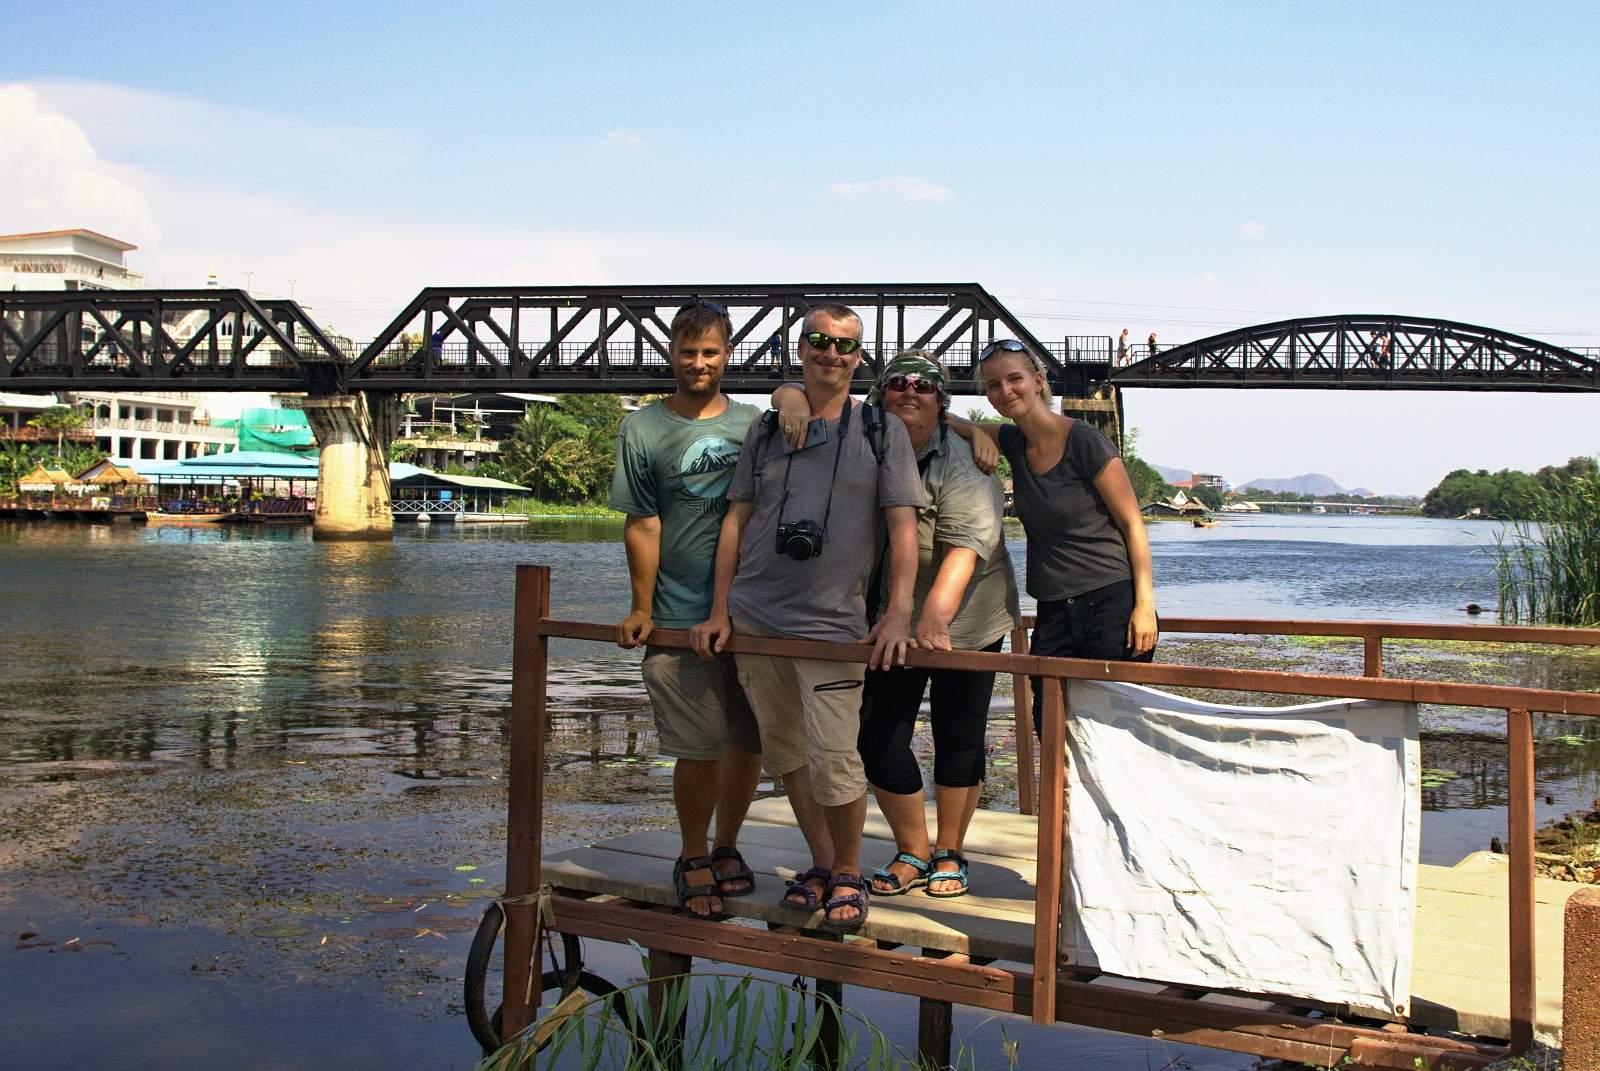 S rodiči u mostu přes řeku Kwai